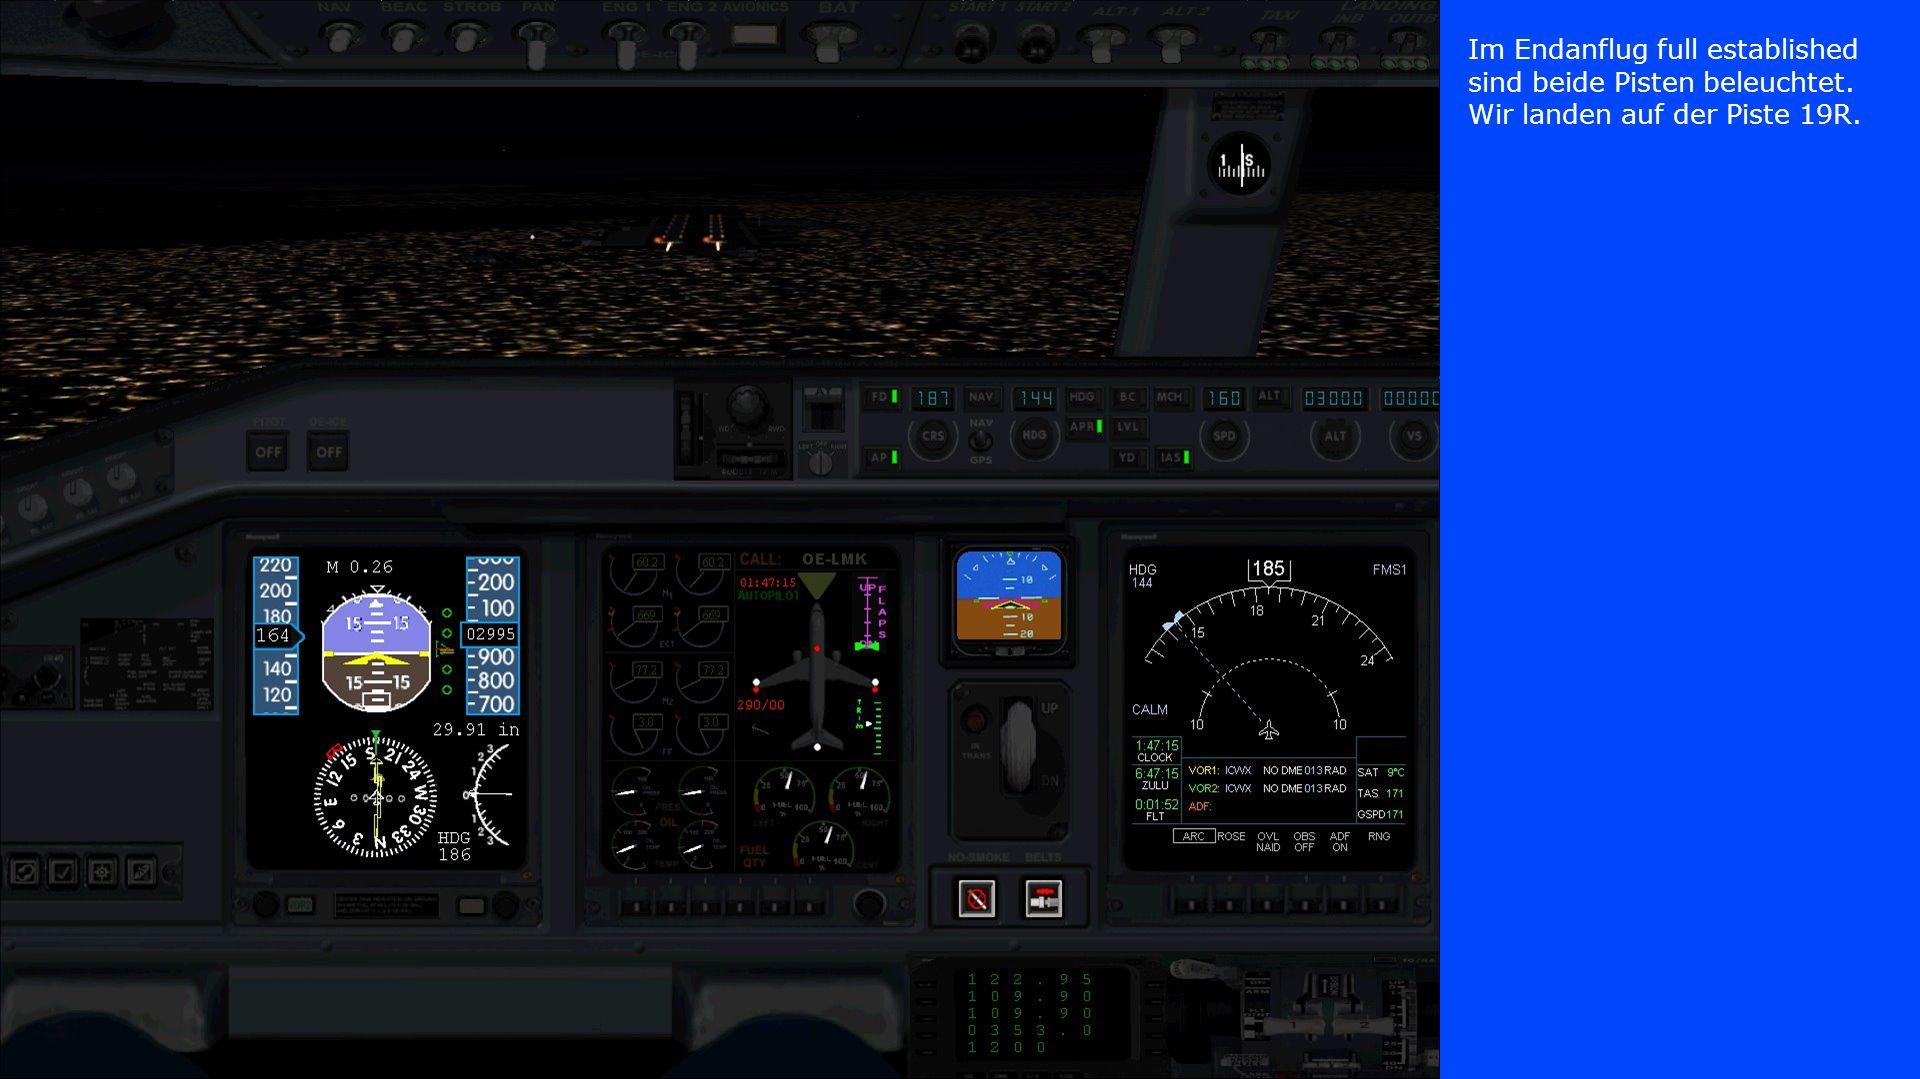 Im Endanflug full established sind beide Pisten beleuchtet. Wir landen auf der Piste 19R.